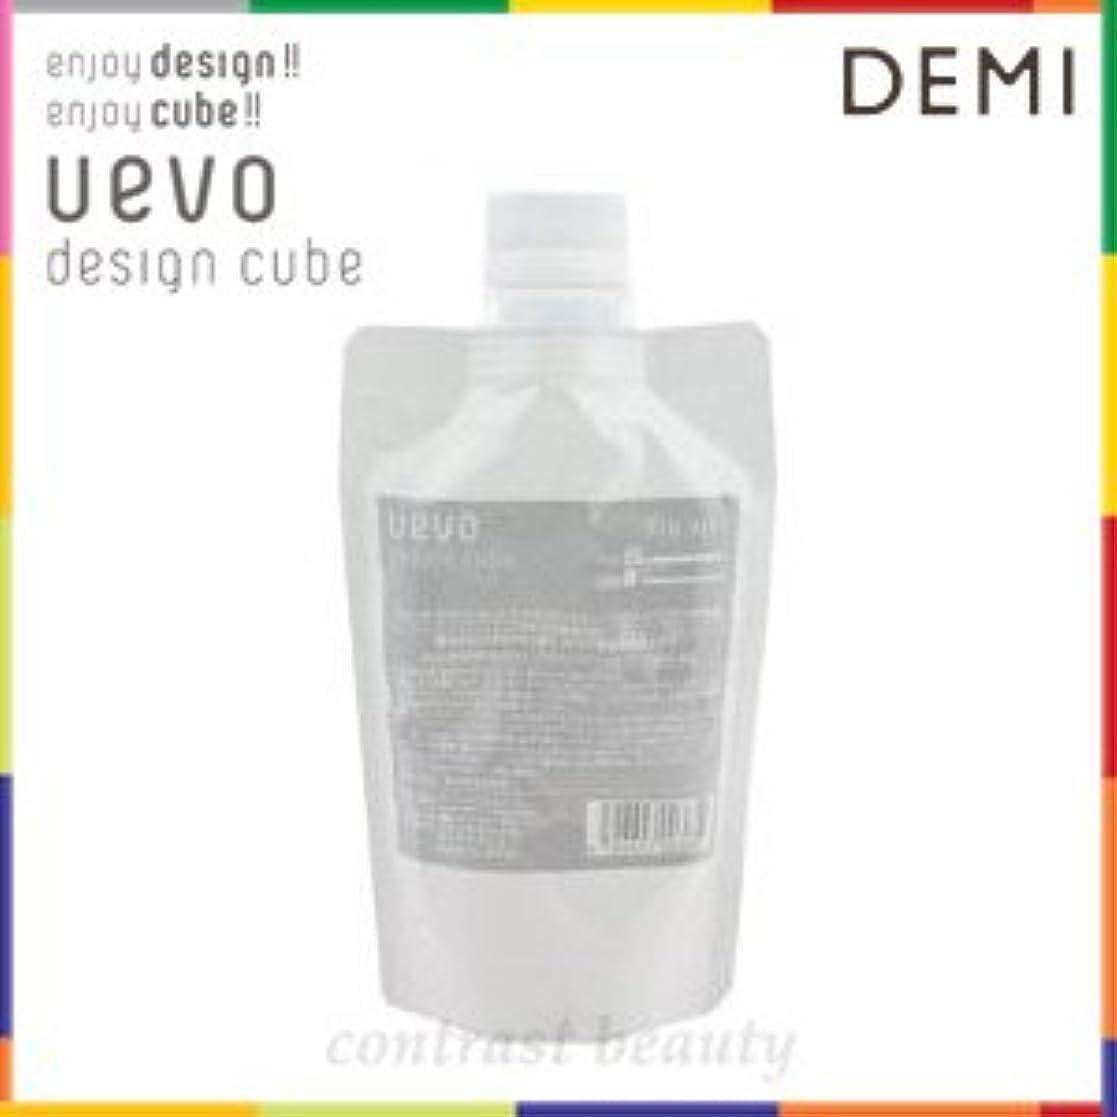 【X3個セット】 デミ ウェーボ デザインキューブ ドライワックス 200g 業務用 dry wax DEMI uevo design cube